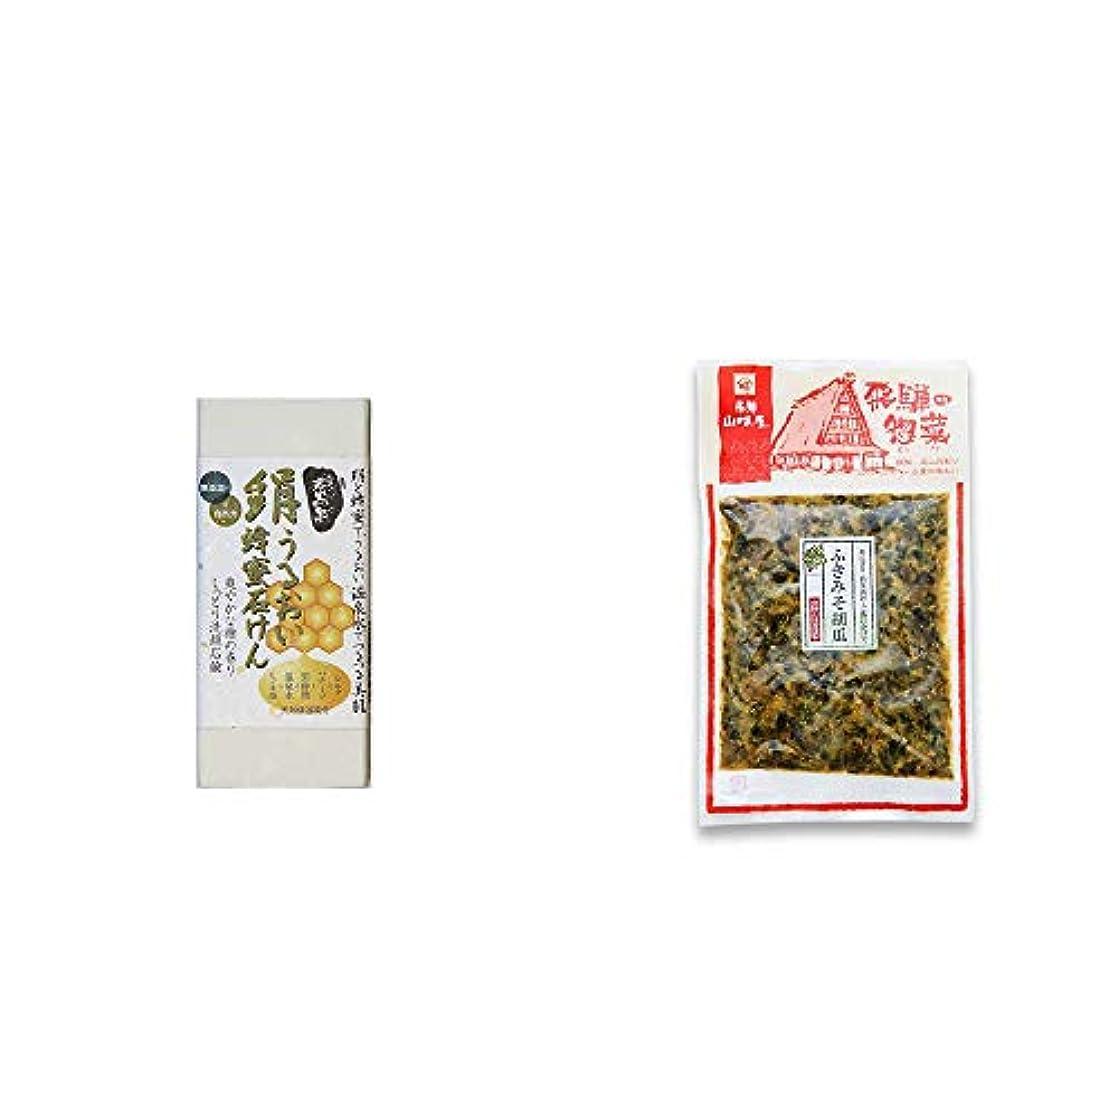 拮抗少年まもなく[2点セット] ひのき炭黒泉 絹うるおい蜂蜜石けん(75g×2)?飛騨山味屋 ふきみそ胡瓜(120g)